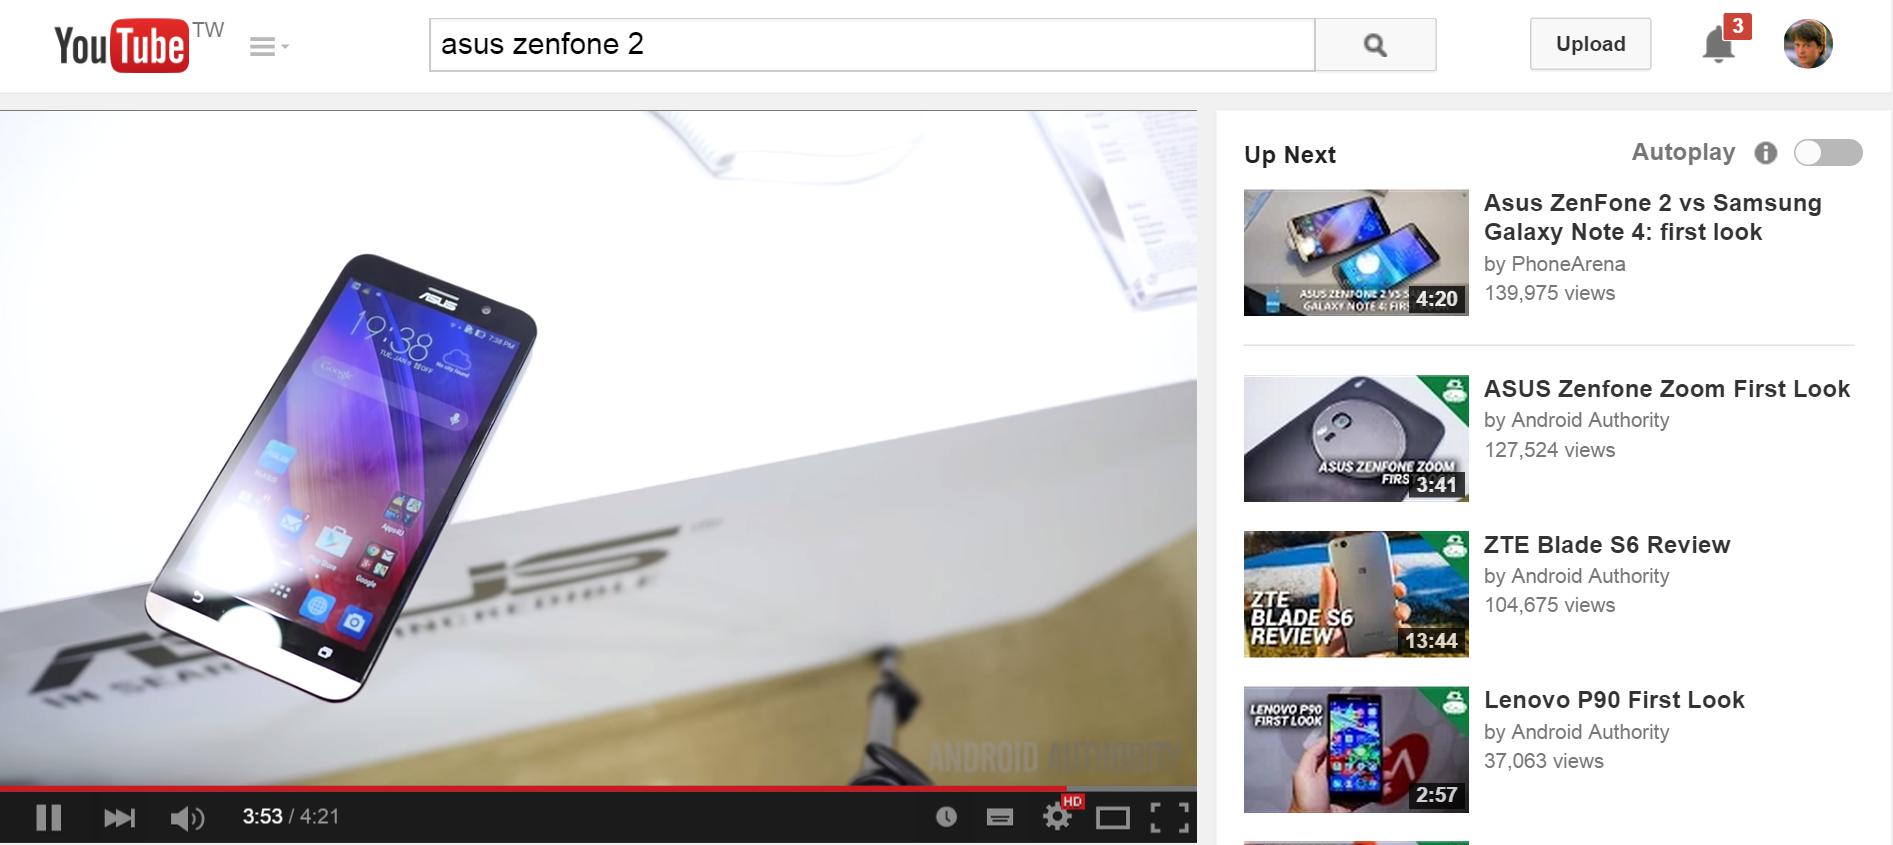 Zenfone 2 video